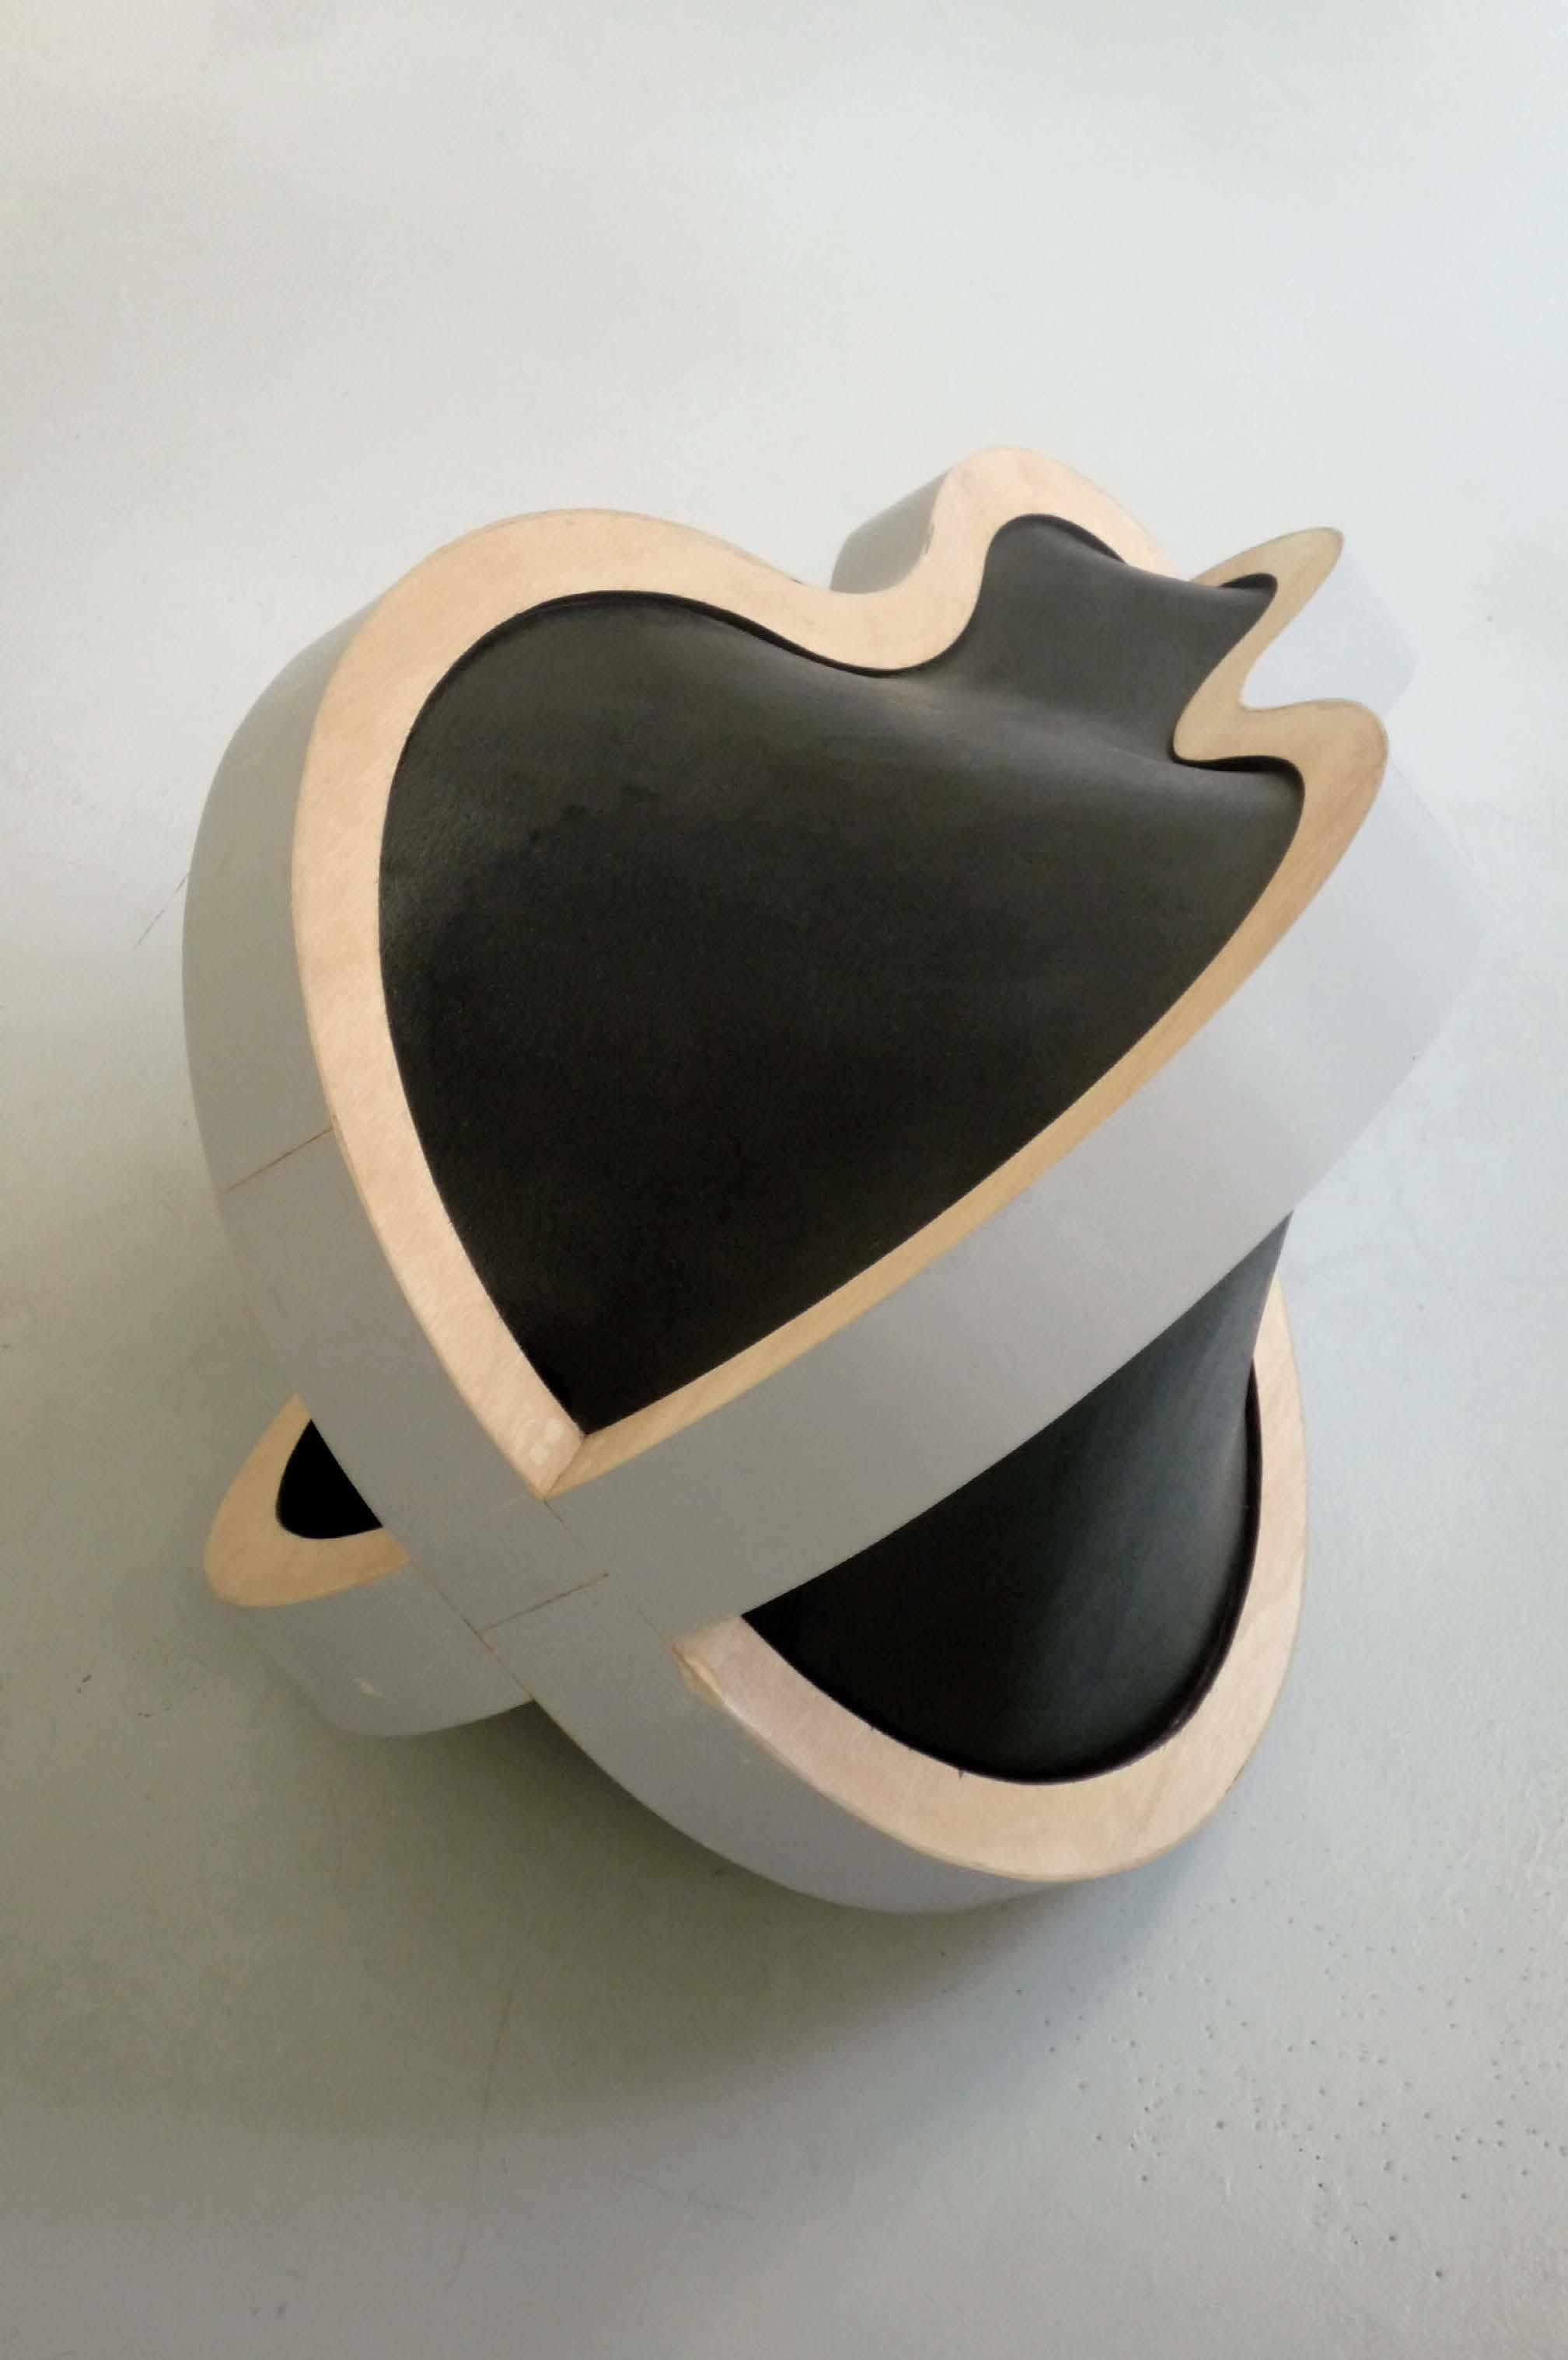 Felix pinquier quille2 2014 galerie marine veilleux original